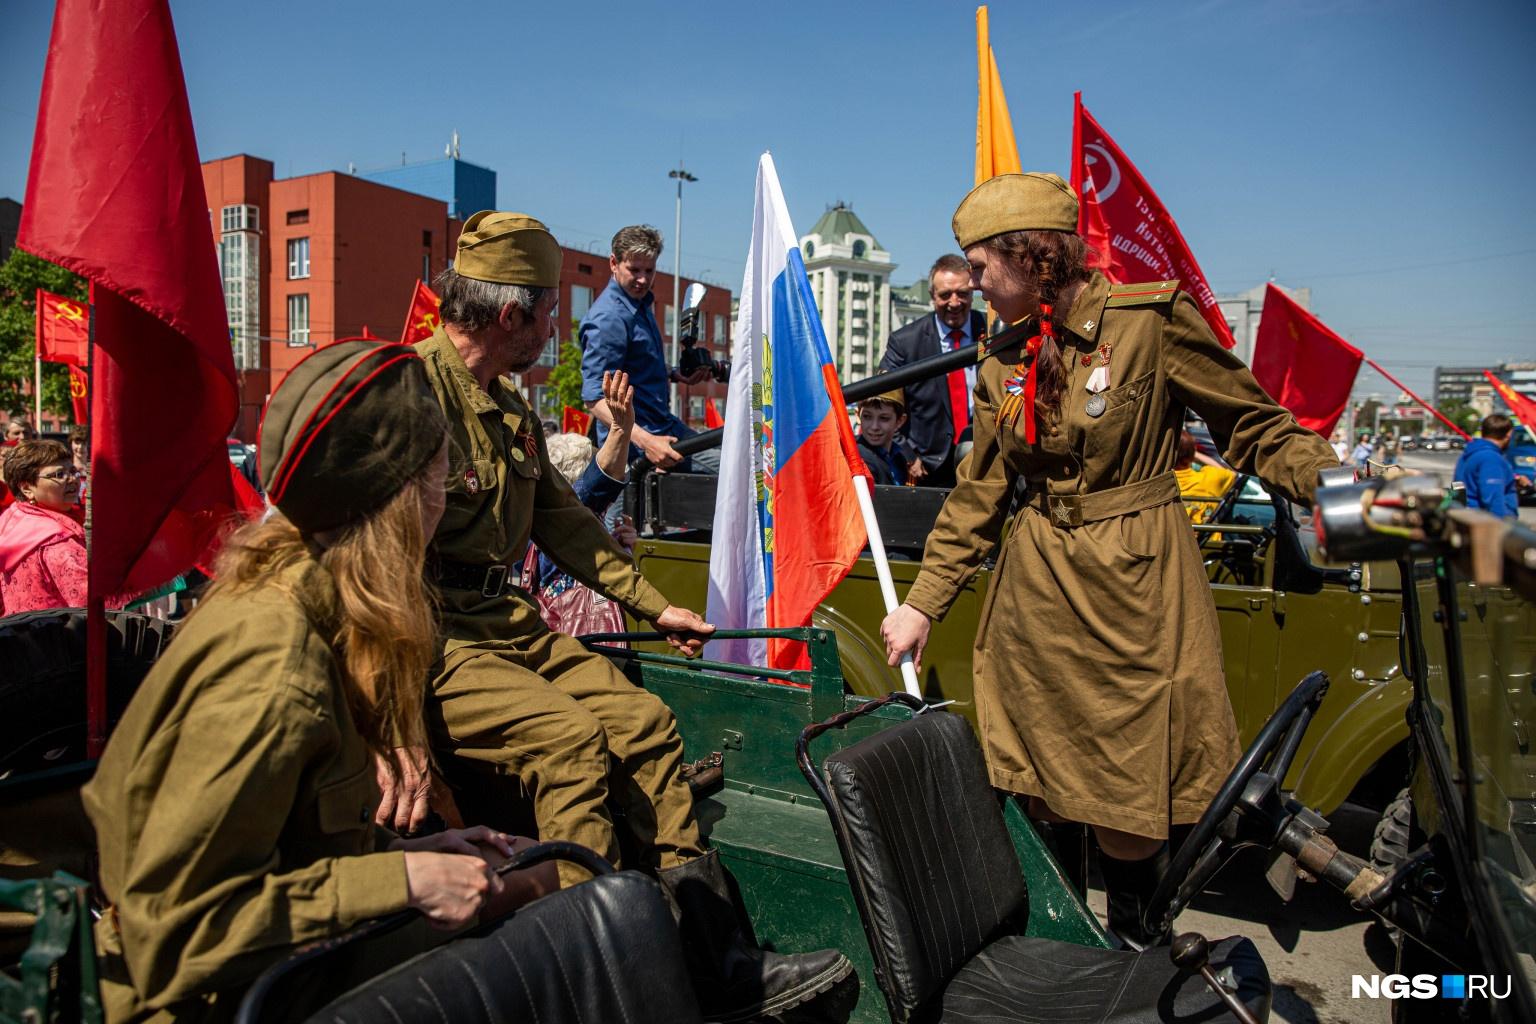 Без традиционных военных костюмов — никуда